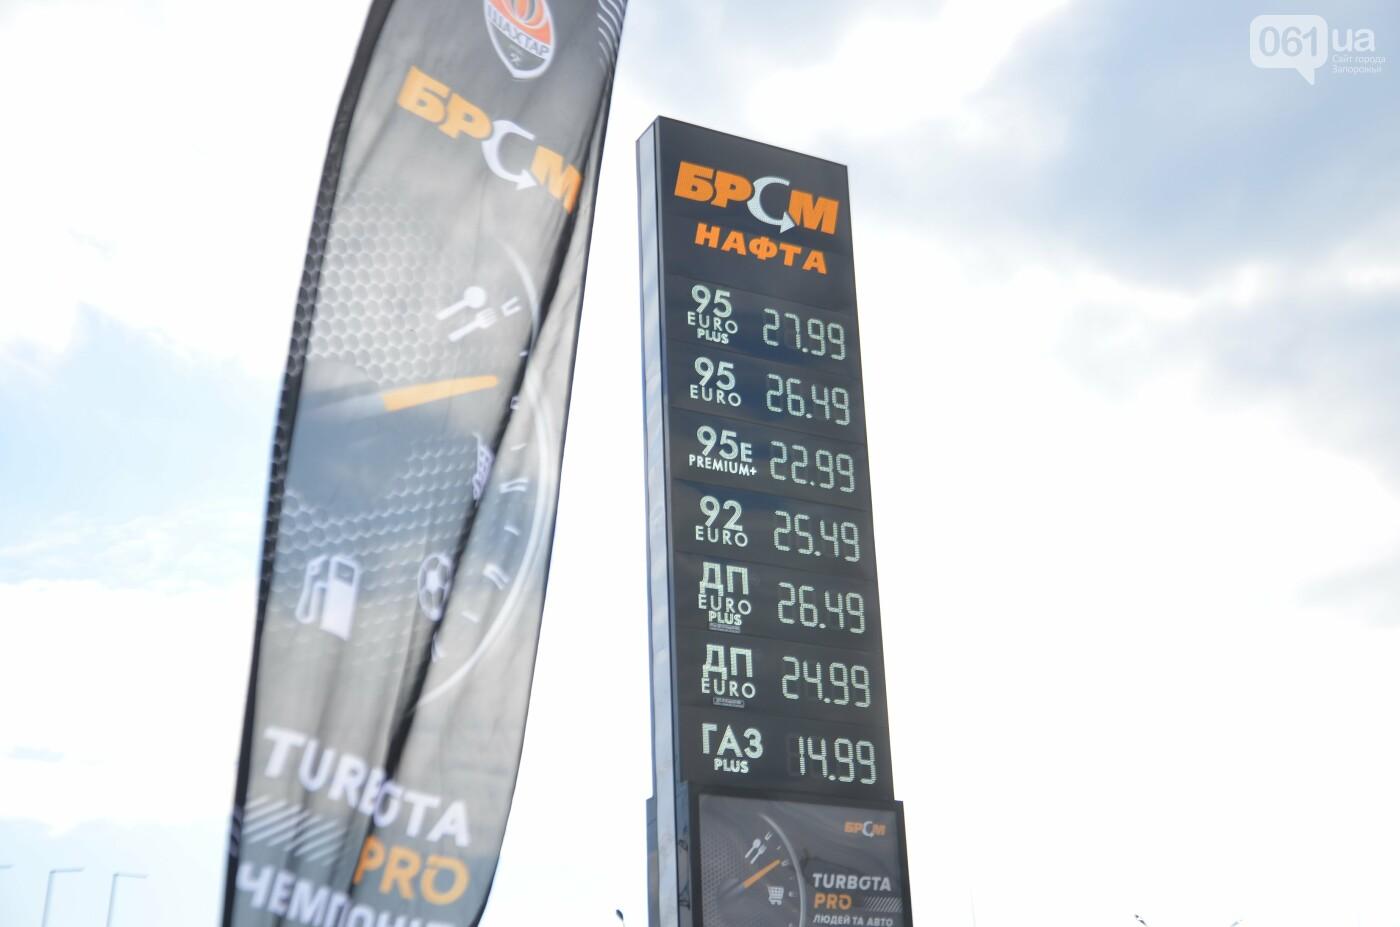 Отличный сервис, приятные цены и акции: в Запорожье открыли два новых автозаправочных комплекса БРСМ-Нафта, фото-14